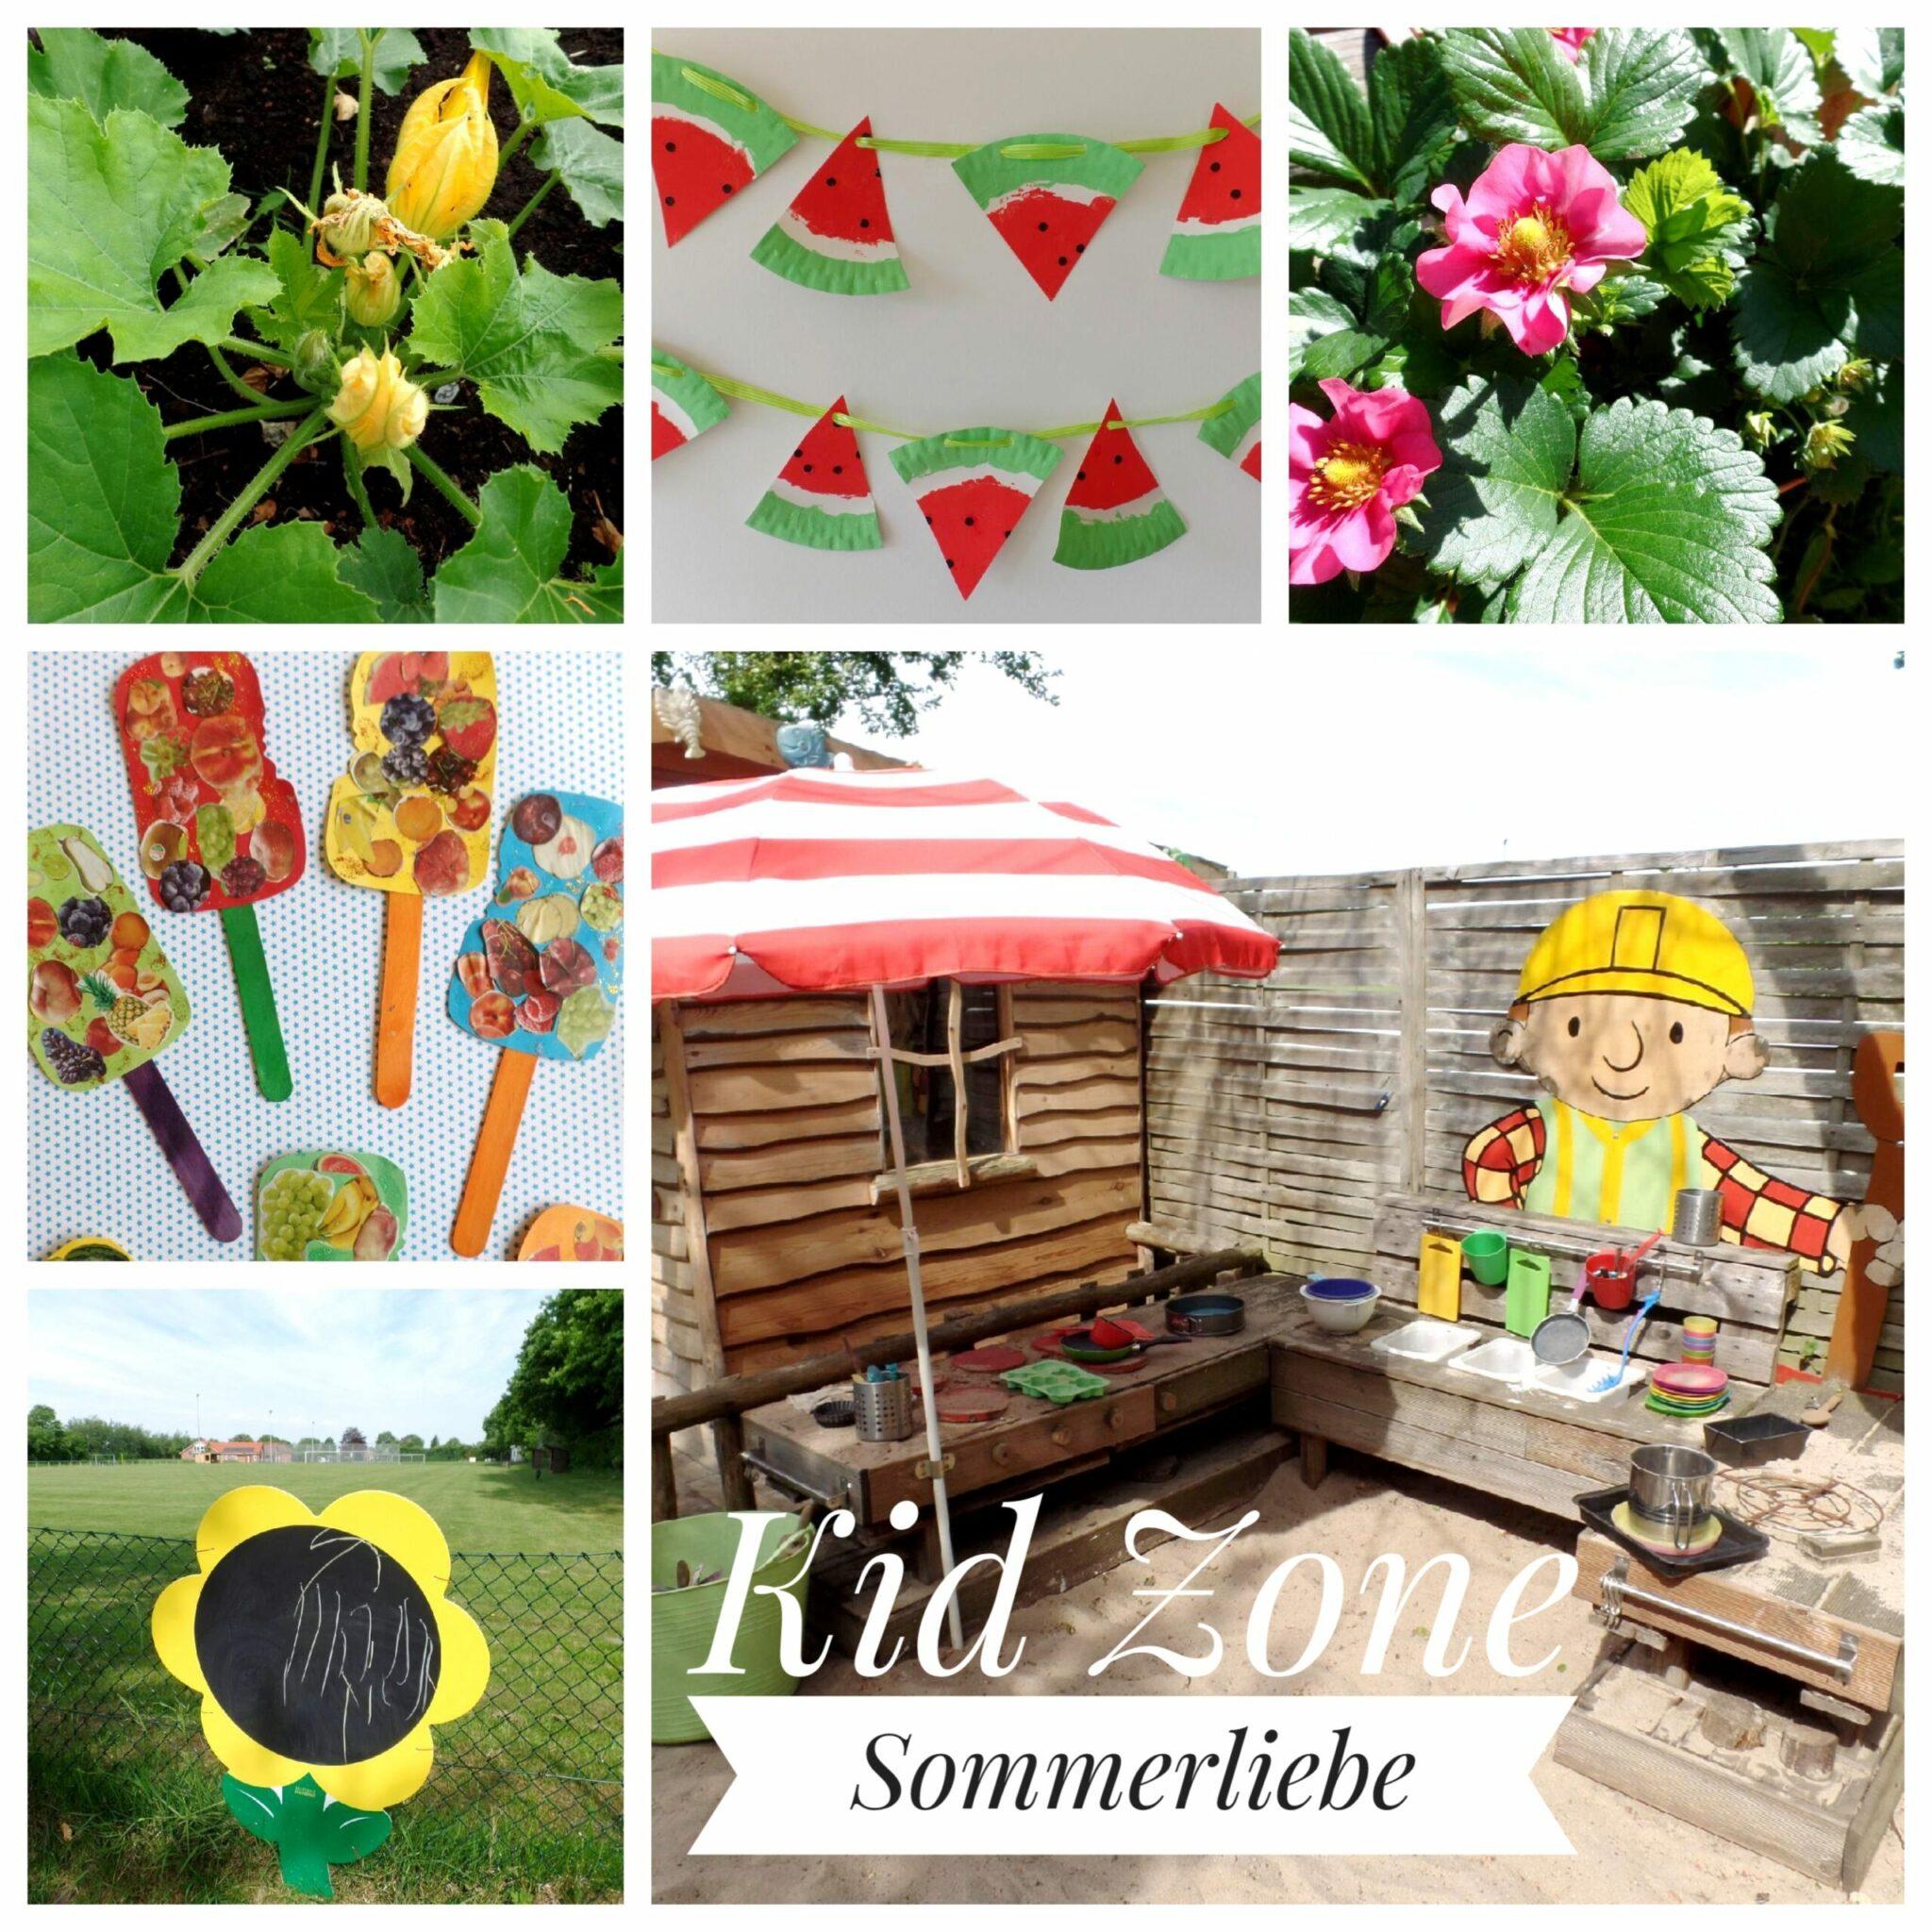 Kita Kid Zone Juni Sommererlebnisse mit Kindern 2 scaled - Sommerliebe und Bastelspaß im Juni